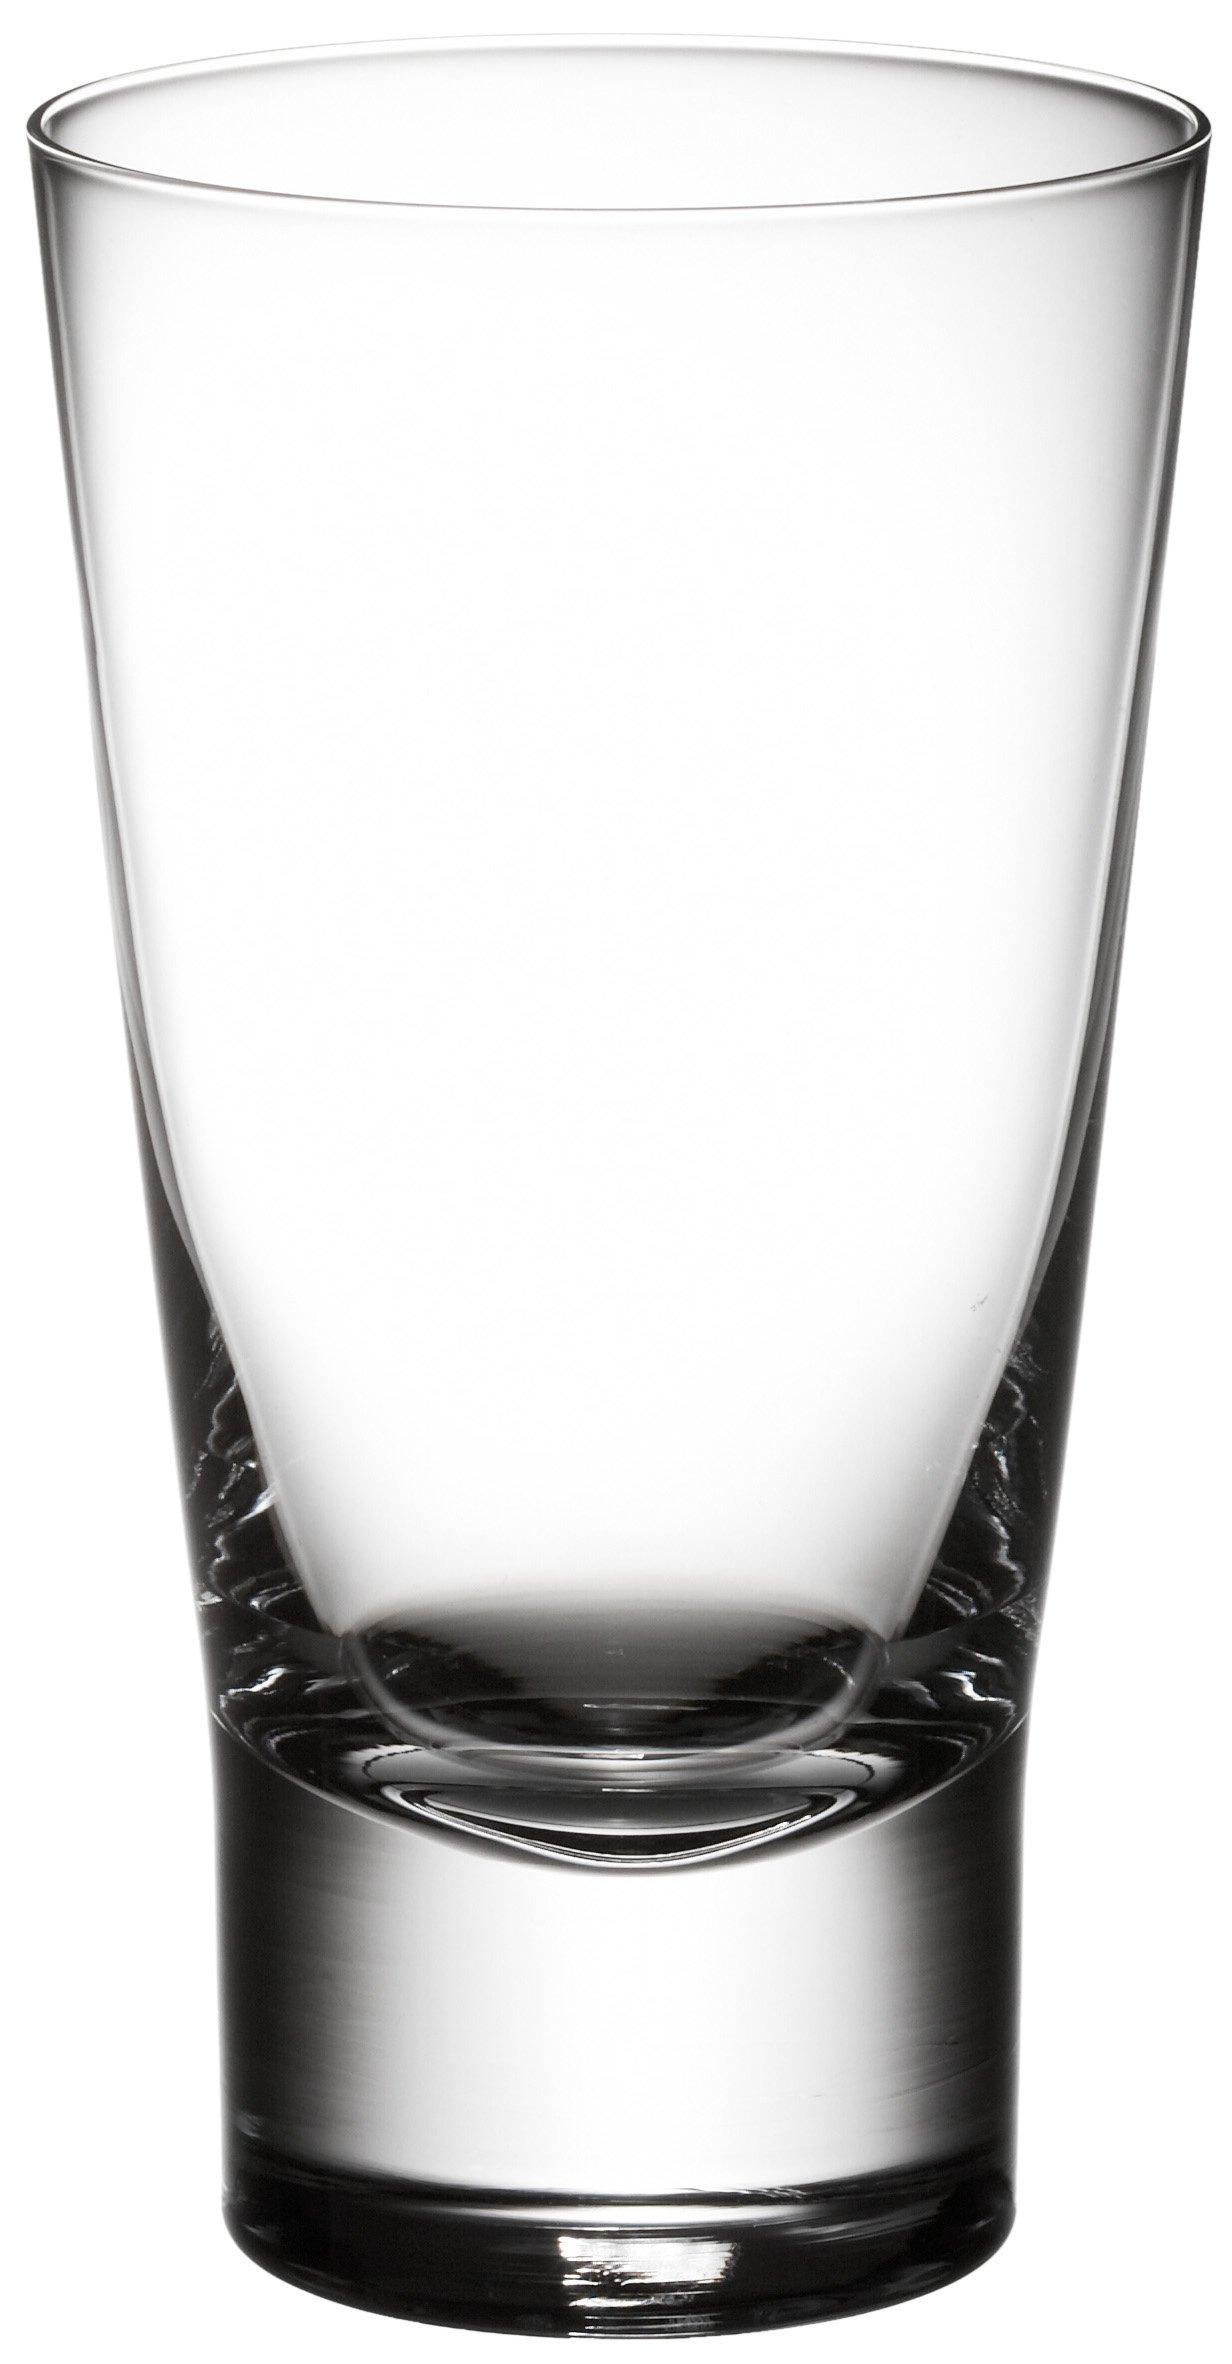 Iittala Aarne Highball Glass, Set of 2